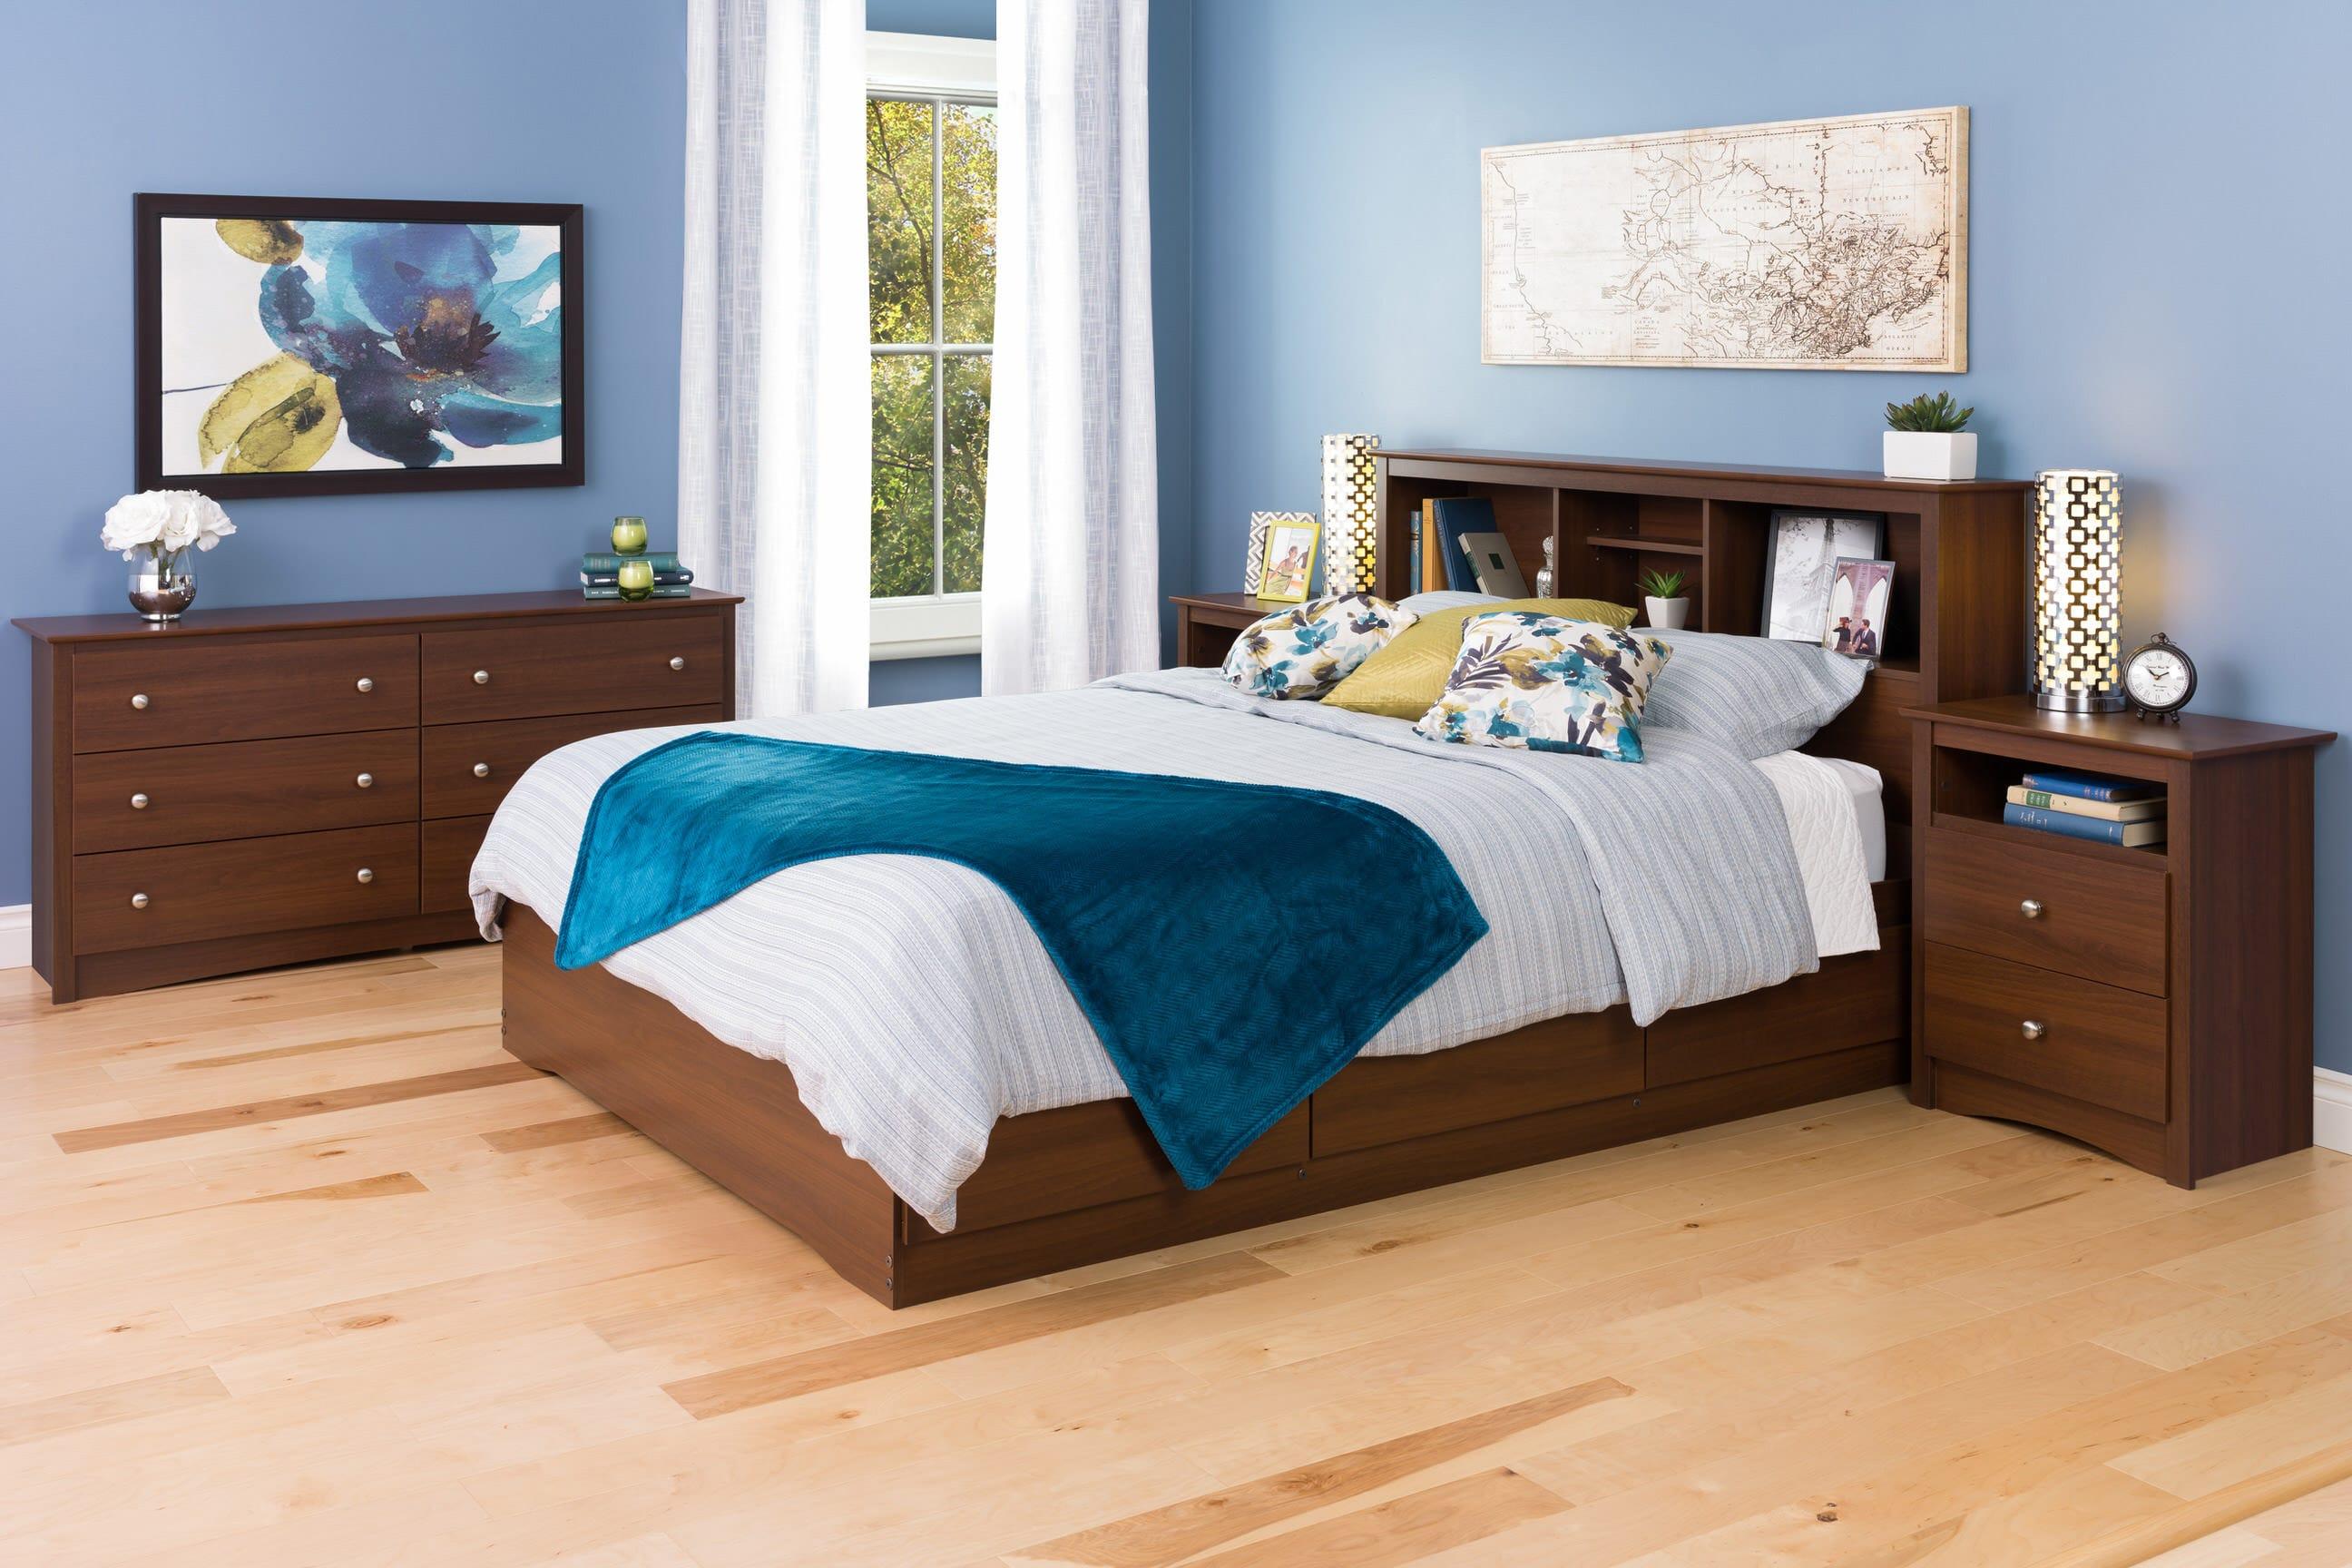 copenhagen bookshelf products item with furniture number progressive bed bookcase headboard queen